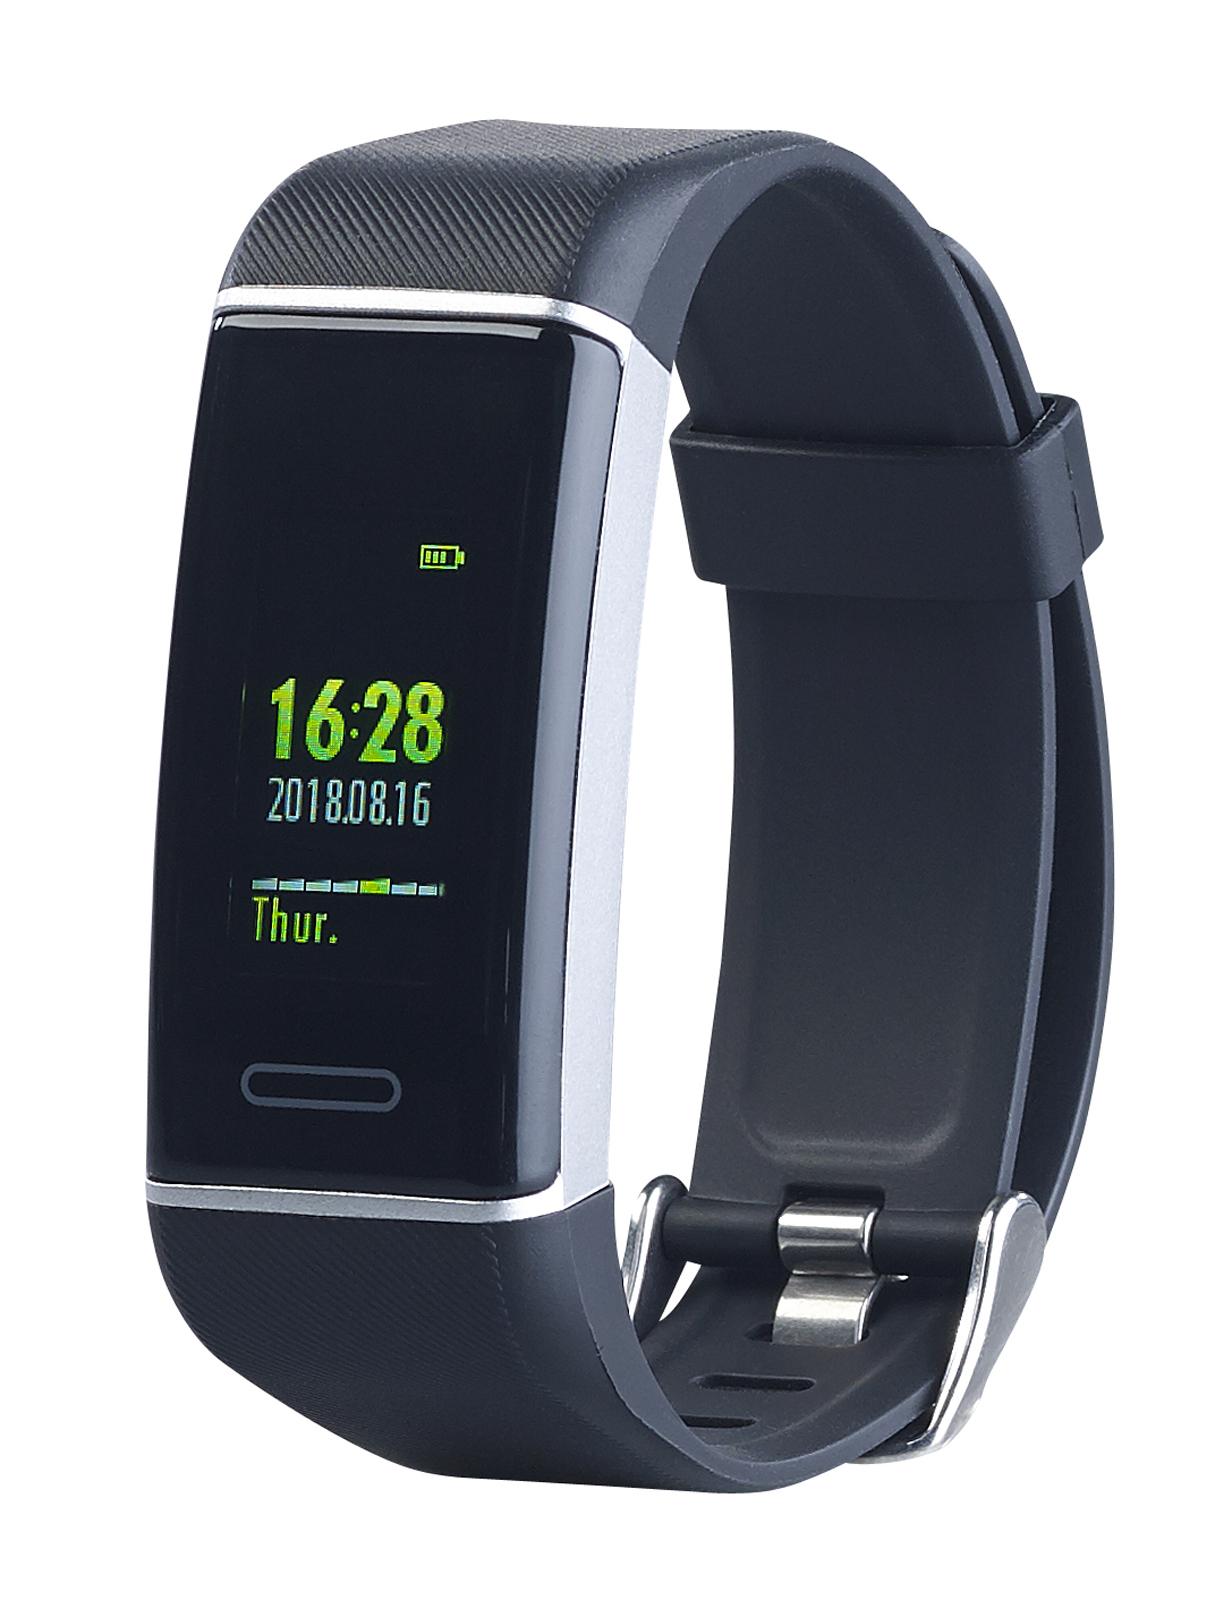 <h1>newgen medicals Fitness-Armband FBT-200.gps</h1><h3 style='font-size: 20px; margin: 0px 0px 15px 0px;'> -Anzeige von Trainings-Fortschritt, Herzfrequenz, Streckenverlauf, Push-Nachrichten, GP</h3>